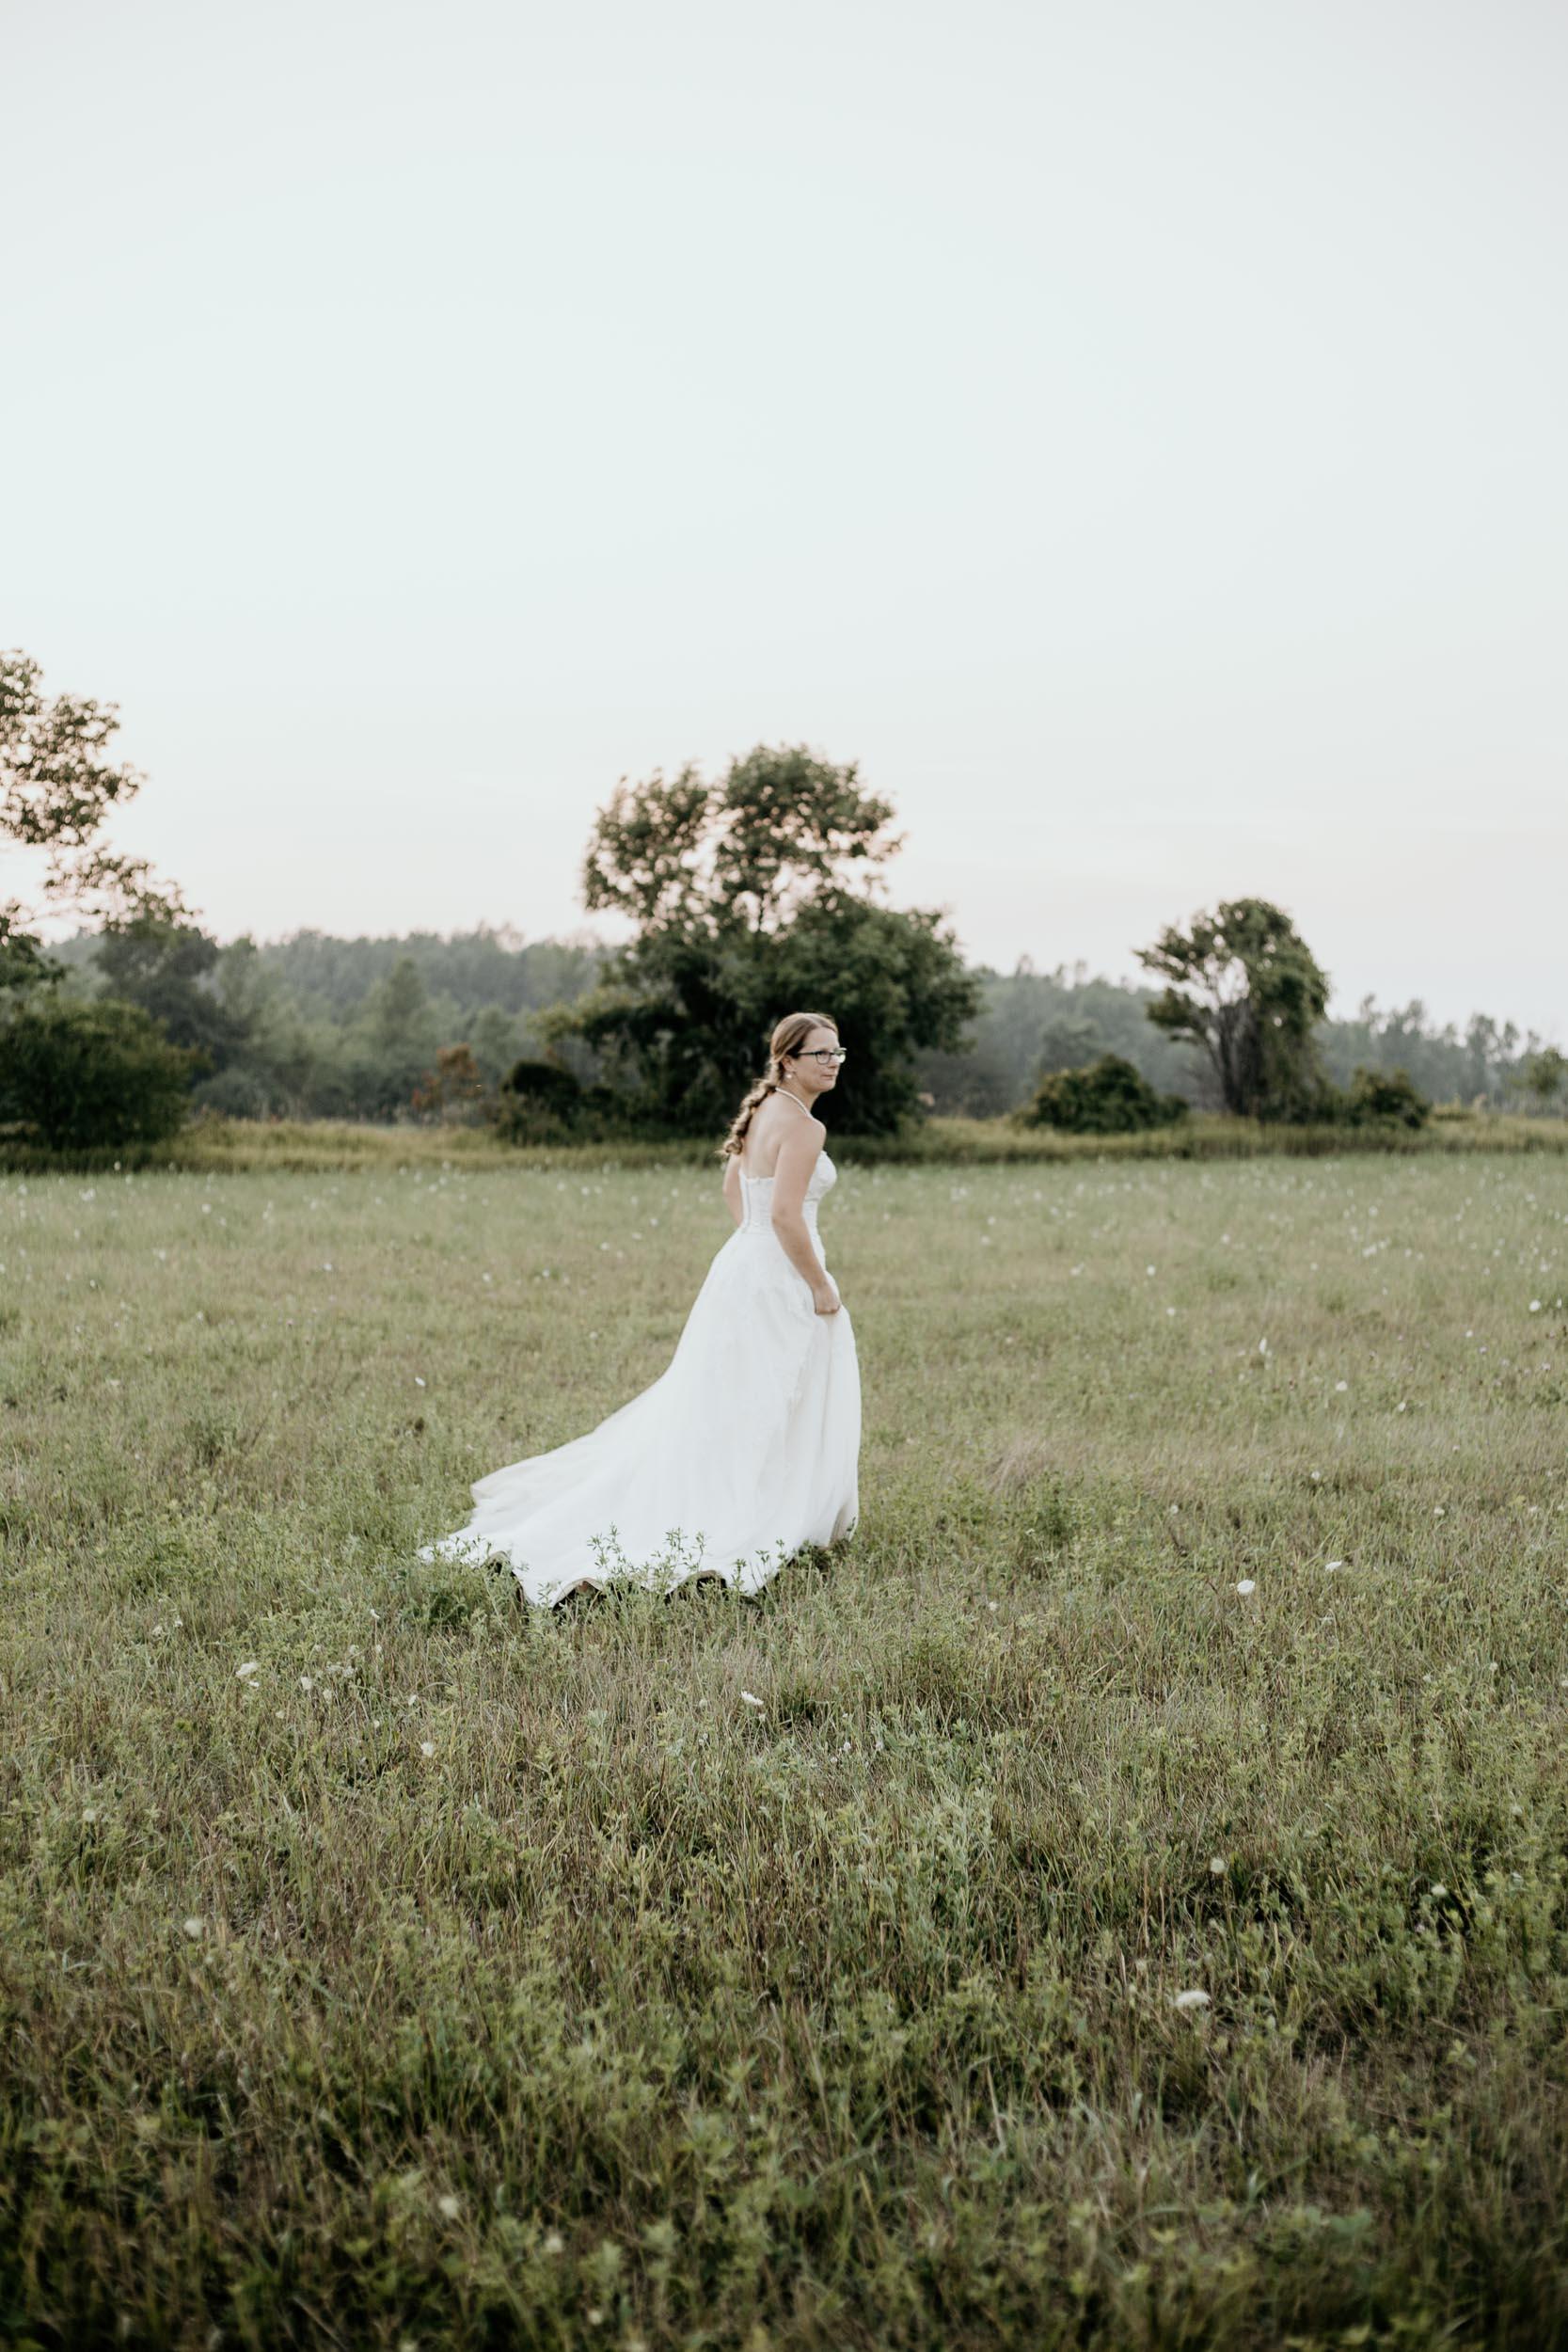 intimate-wedding-elopement-photographer-ottawa-joshua-tree-3188.jpg